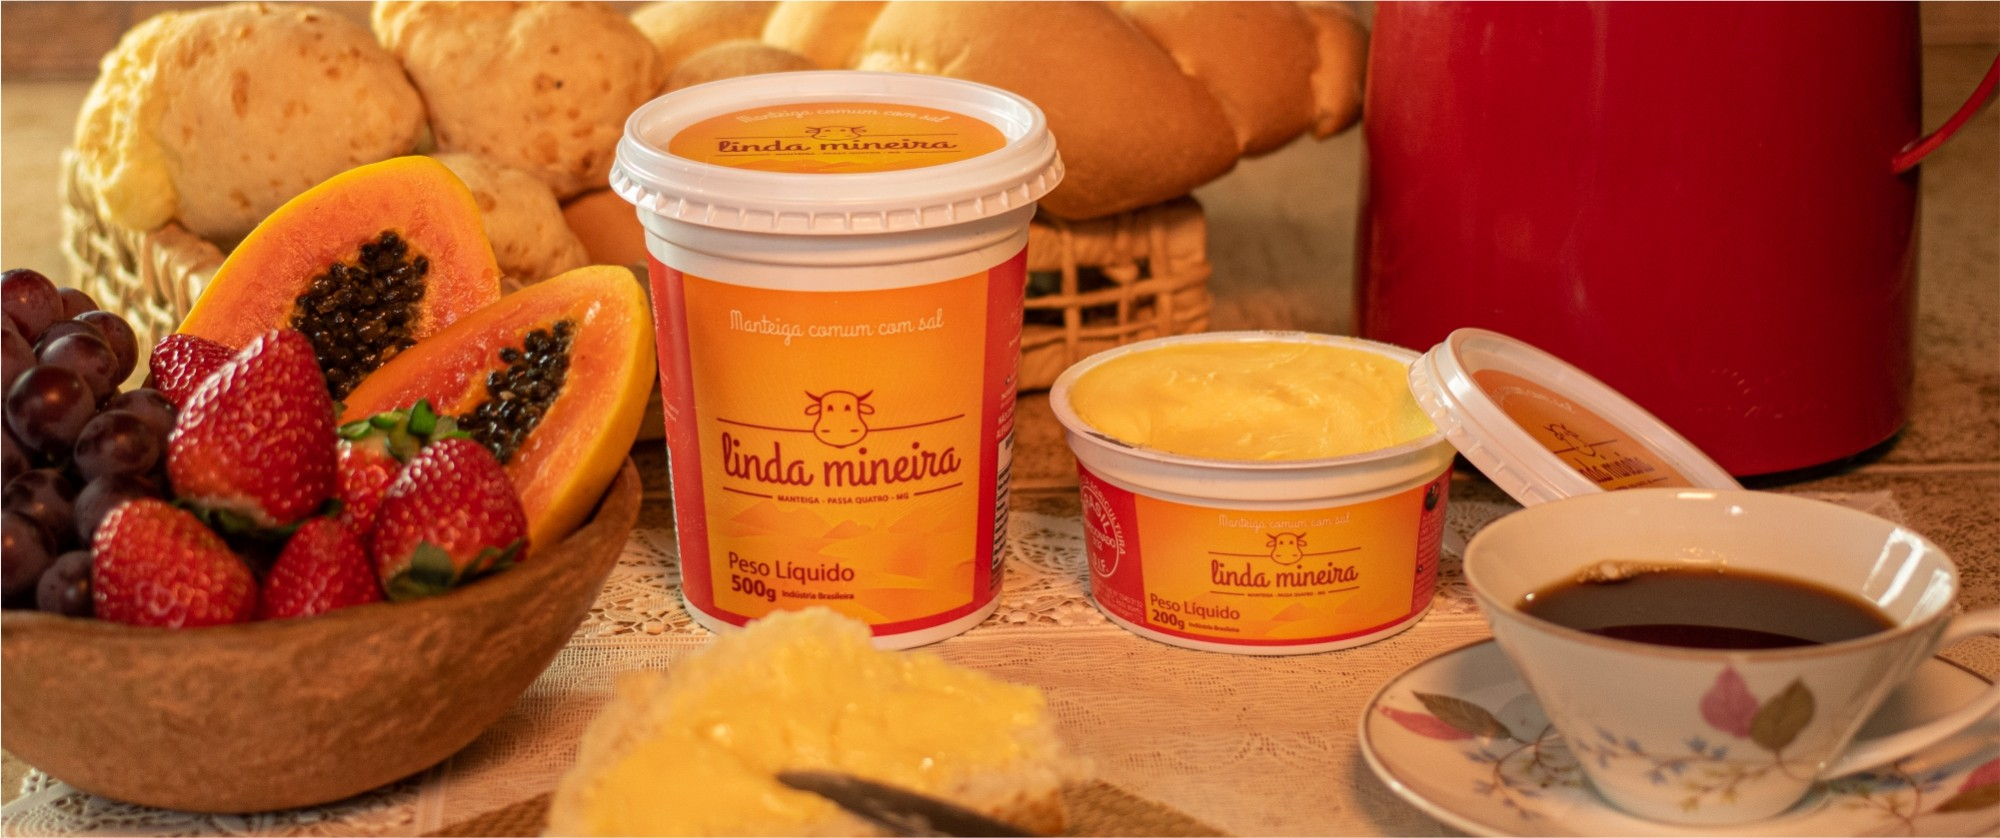 Manteiga Linda Mineira